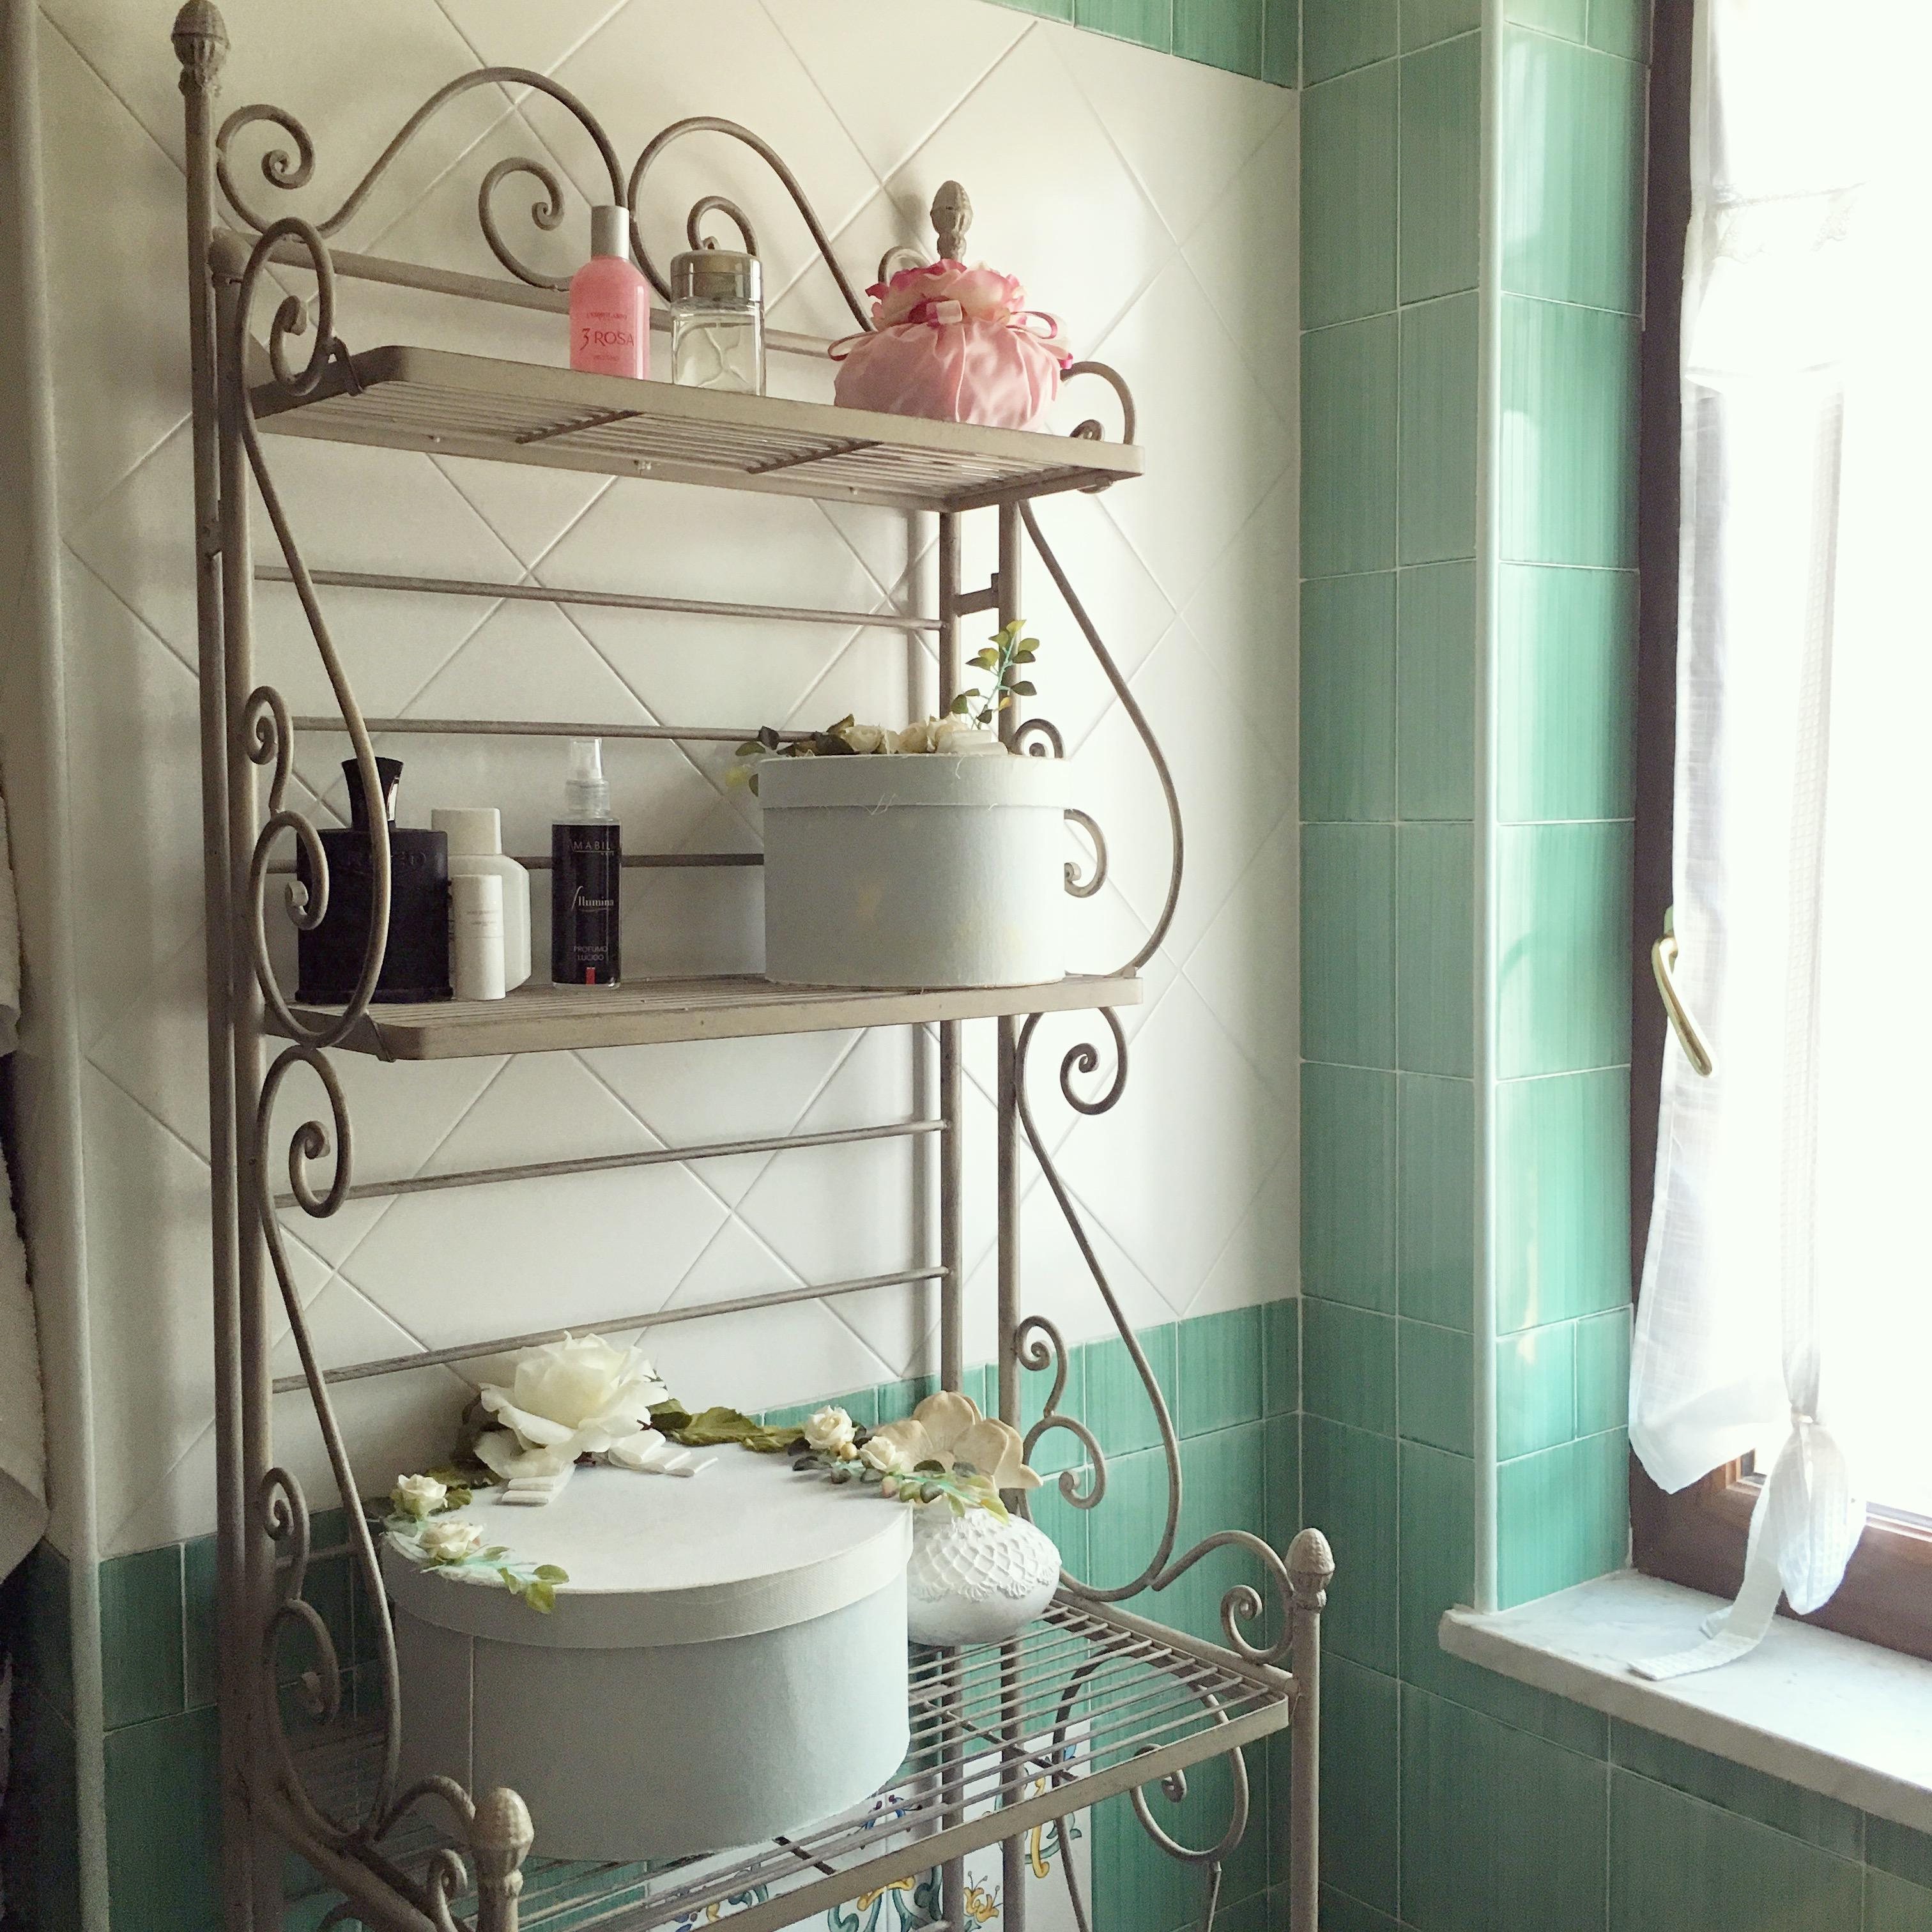 La mia casa tra stile rustico e provenzale the womoms for Piani di casa in stile rustico